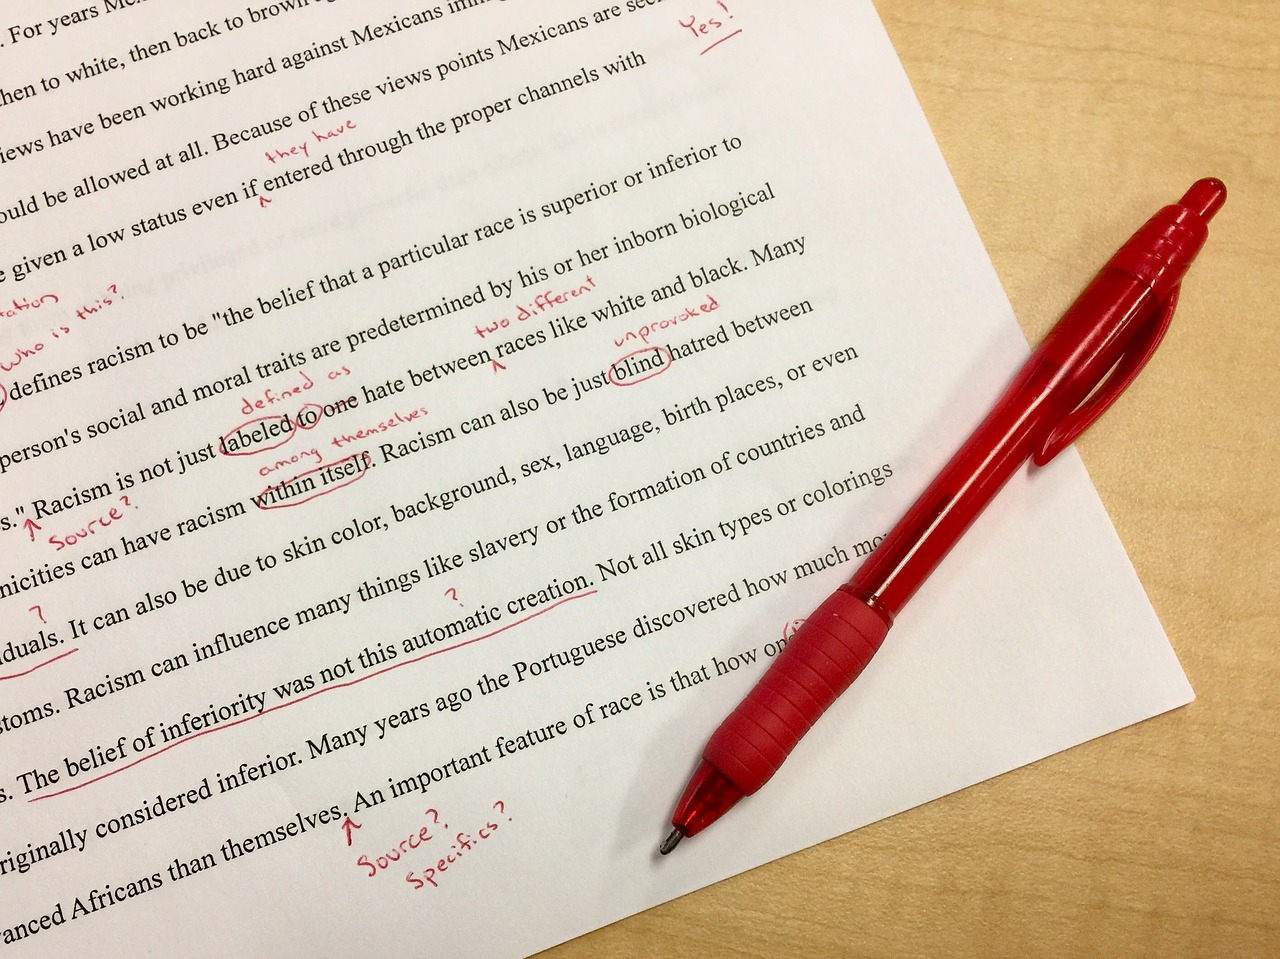 【中高生】英語スピーチの題材と構成を組み立てる方法について